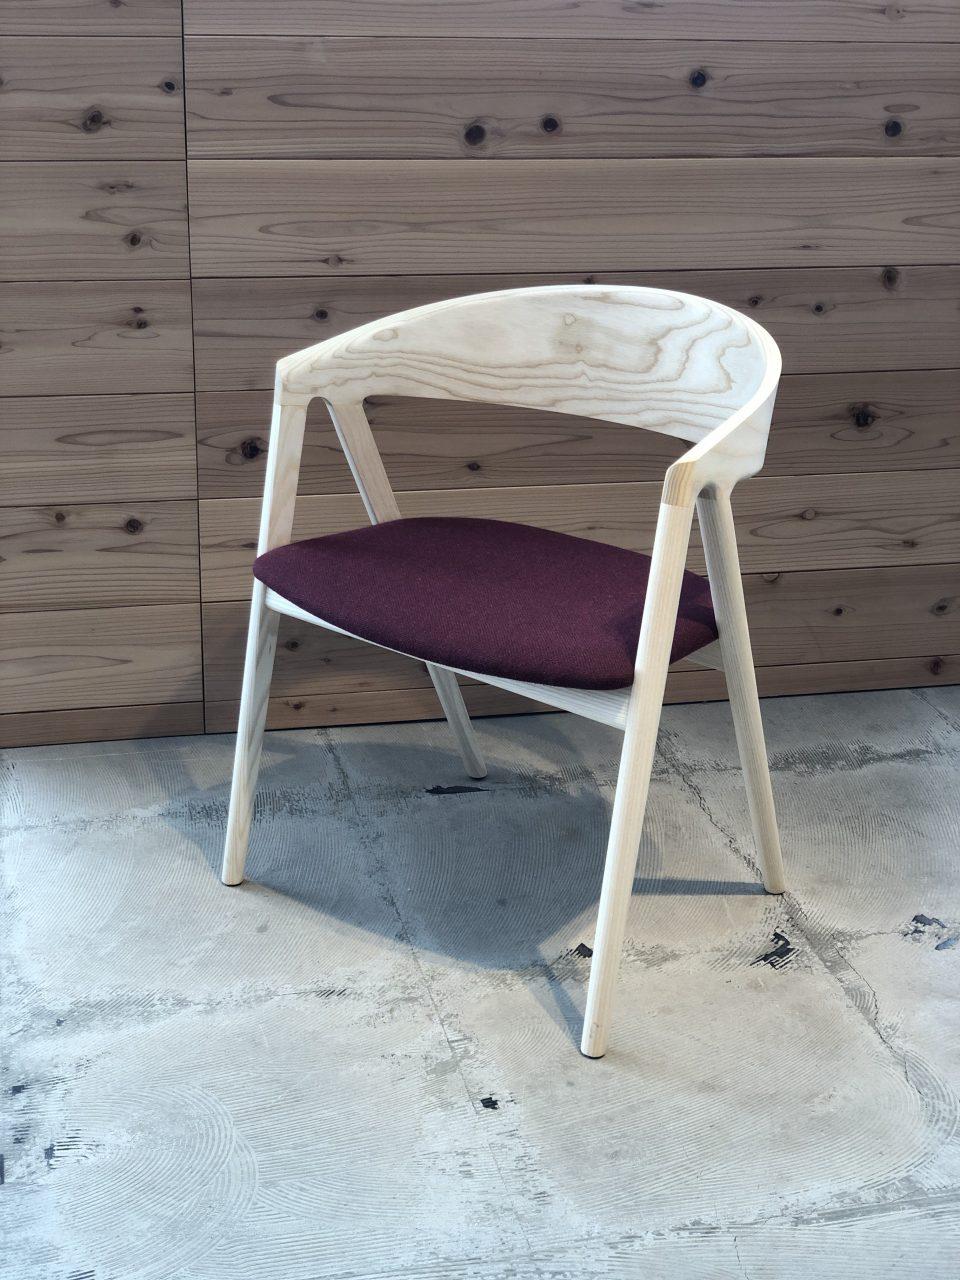 アッシュ材のダイニングチェアのHARPチェアは、寛ぐにもぴったりのおしゃれな椅子です